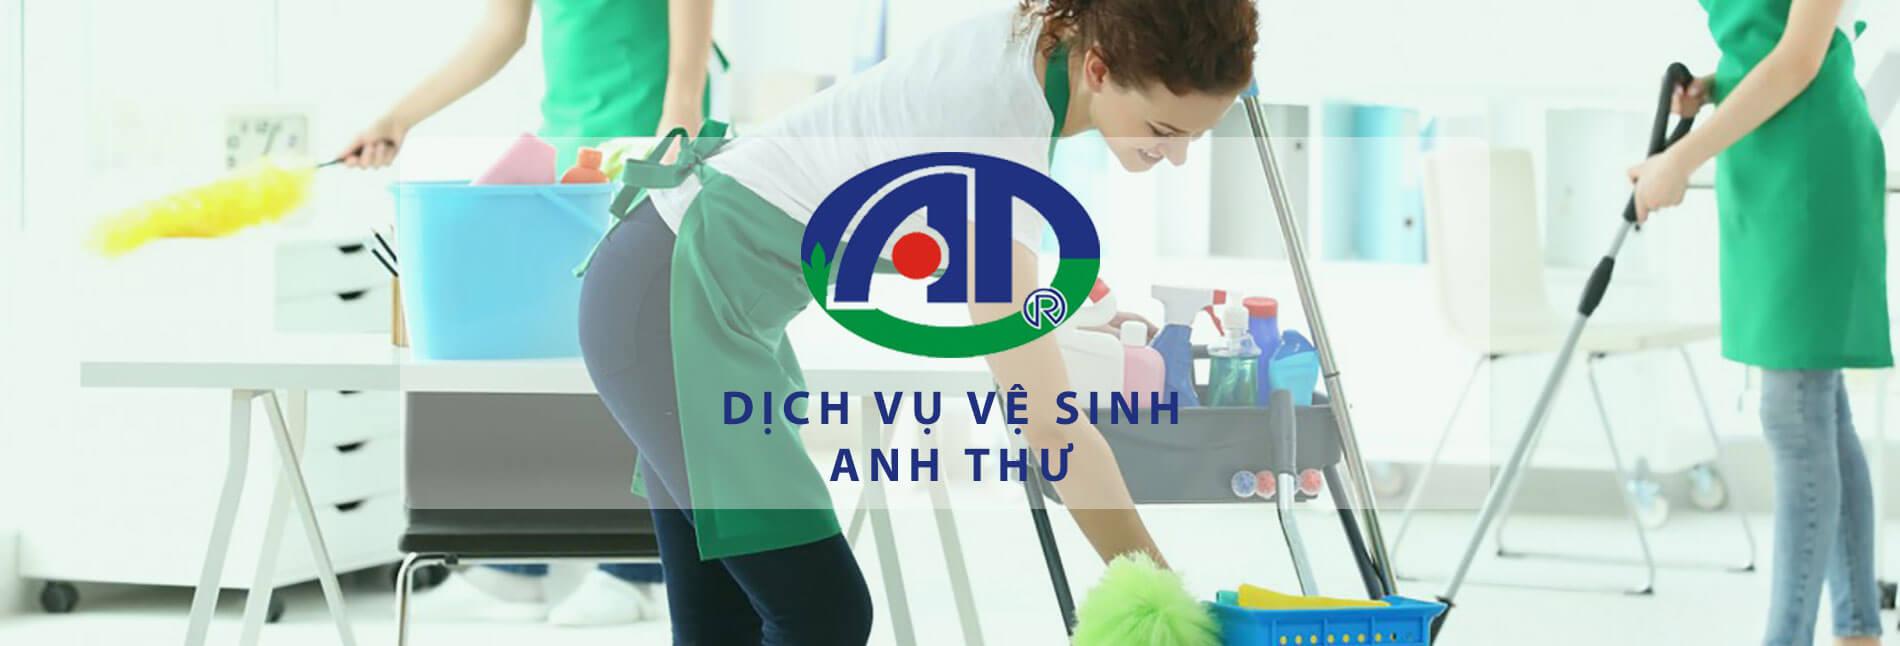 Công Ty Vệ Sinh Anh Thư - công ty vệ sinh công nghiệp tphcm uy tín